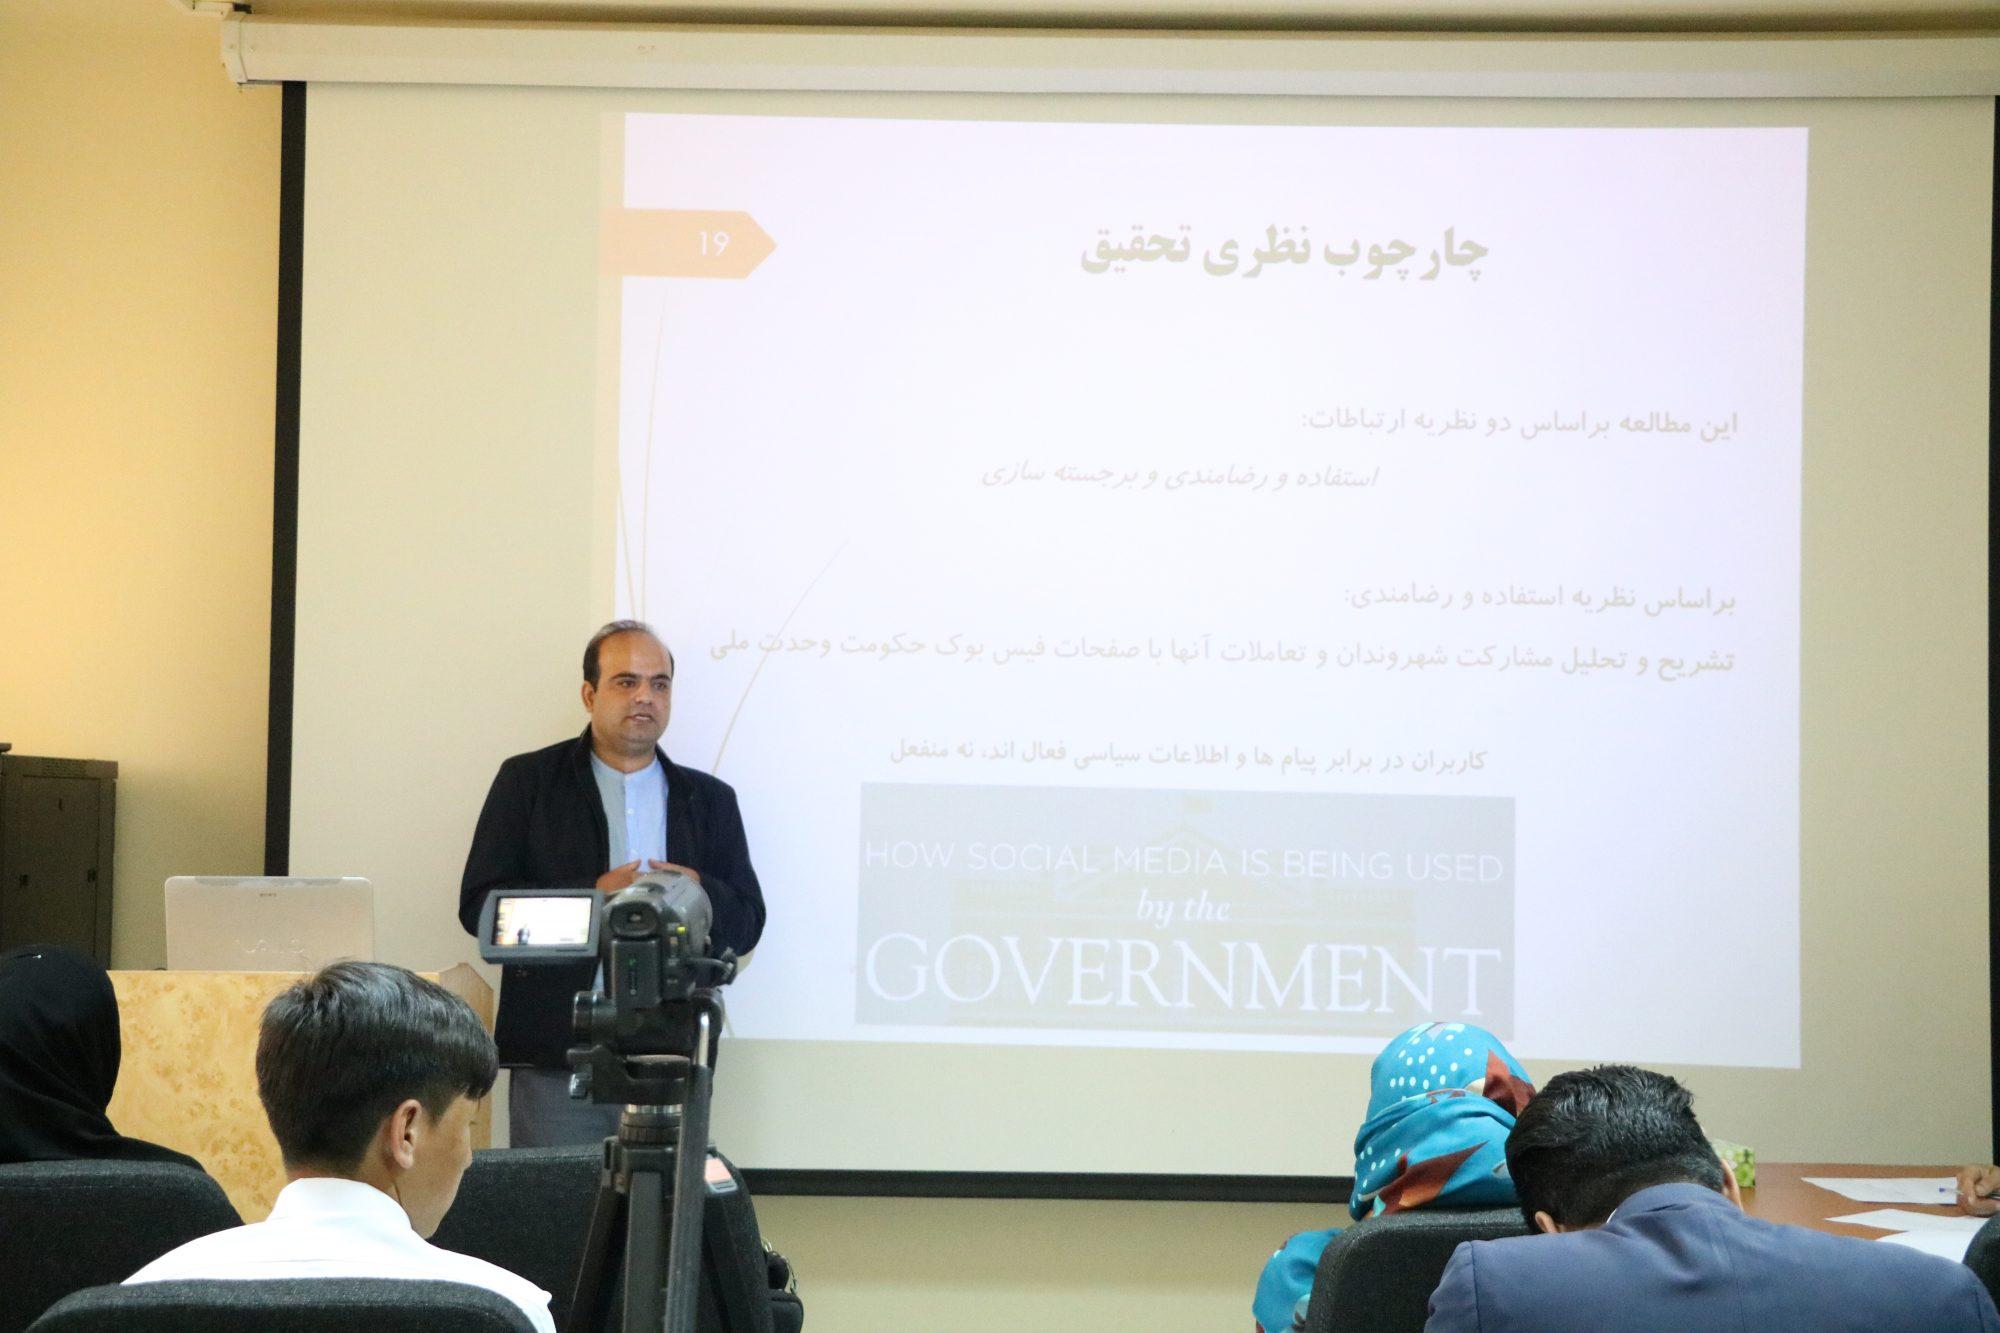 ارائه پژوهش علمی تحلیل محتوای صفحات فیسبوک حکومت وحدت ملی افغانستان